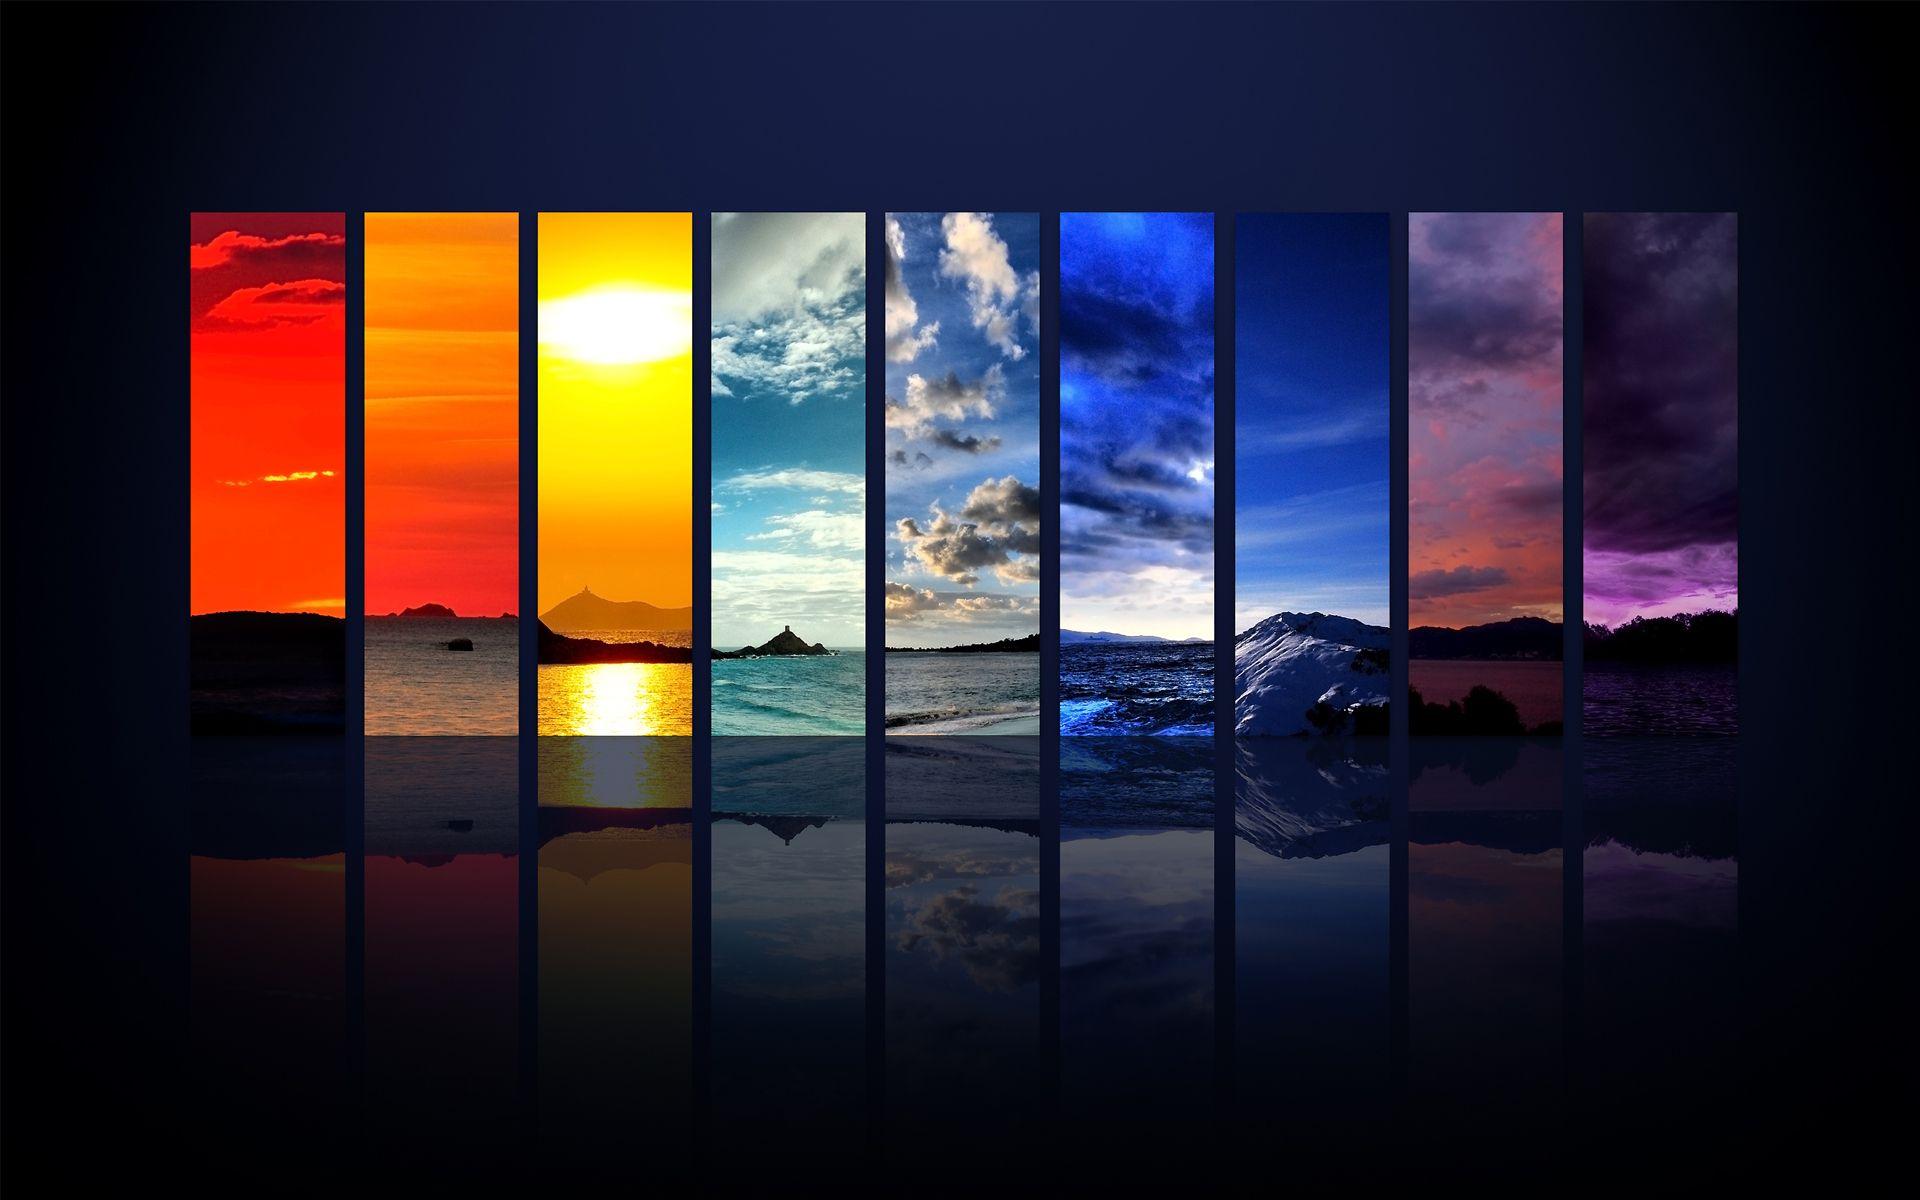 01707_spectrumofthesky_1920x1200-2013-03-23-0023